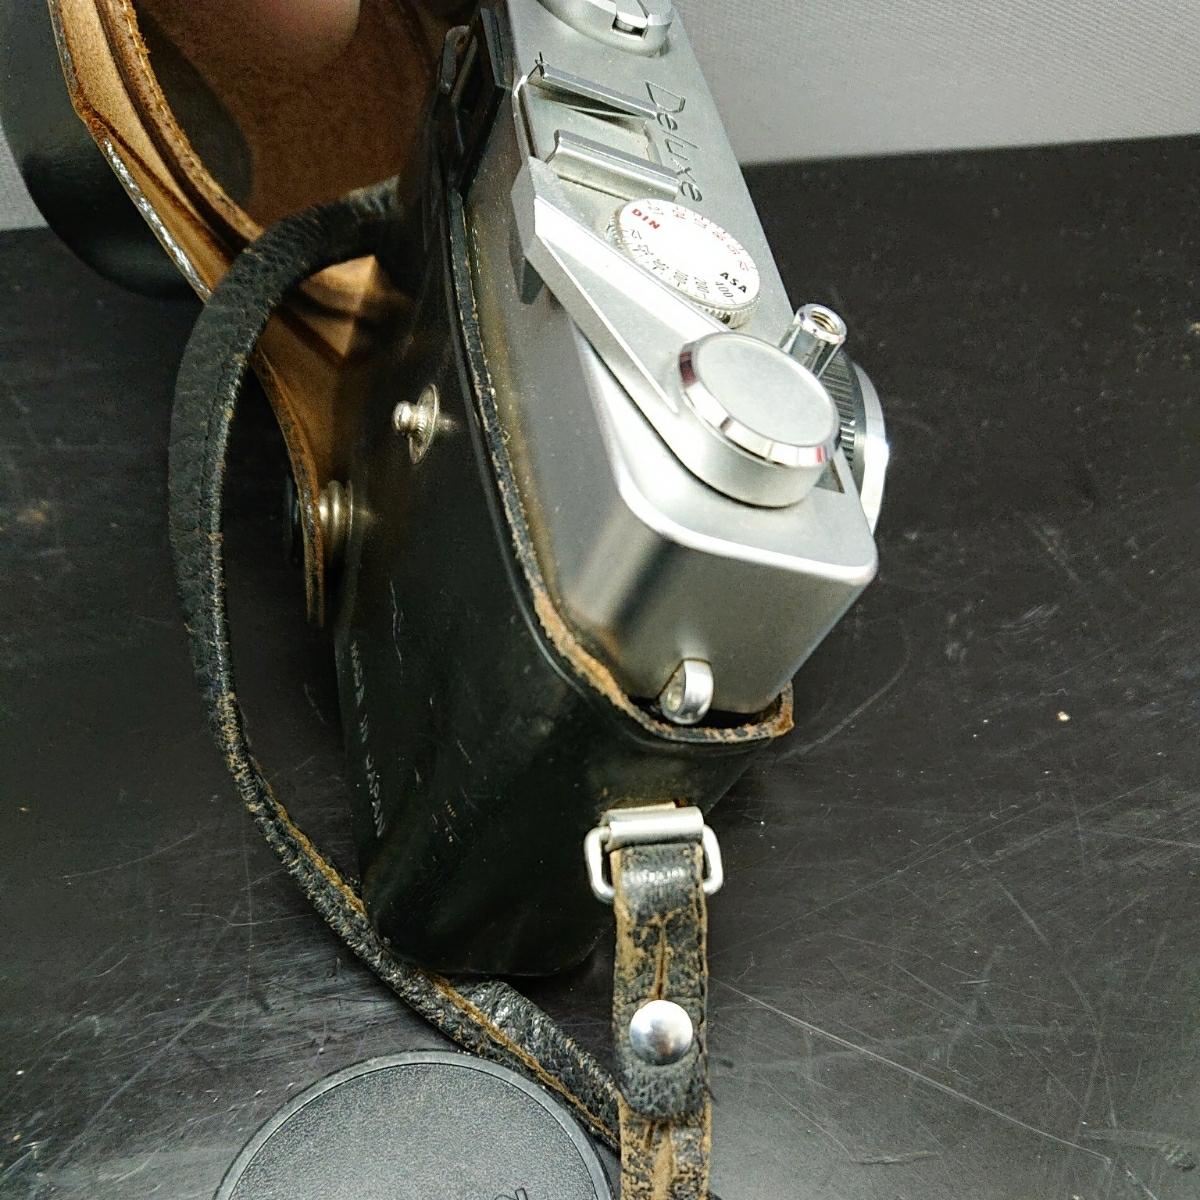 コニカ Konica EE-MATIC Deluxe KONICA HEXANON 1:2.8 f=40mm 専用ケース付き み_画像5